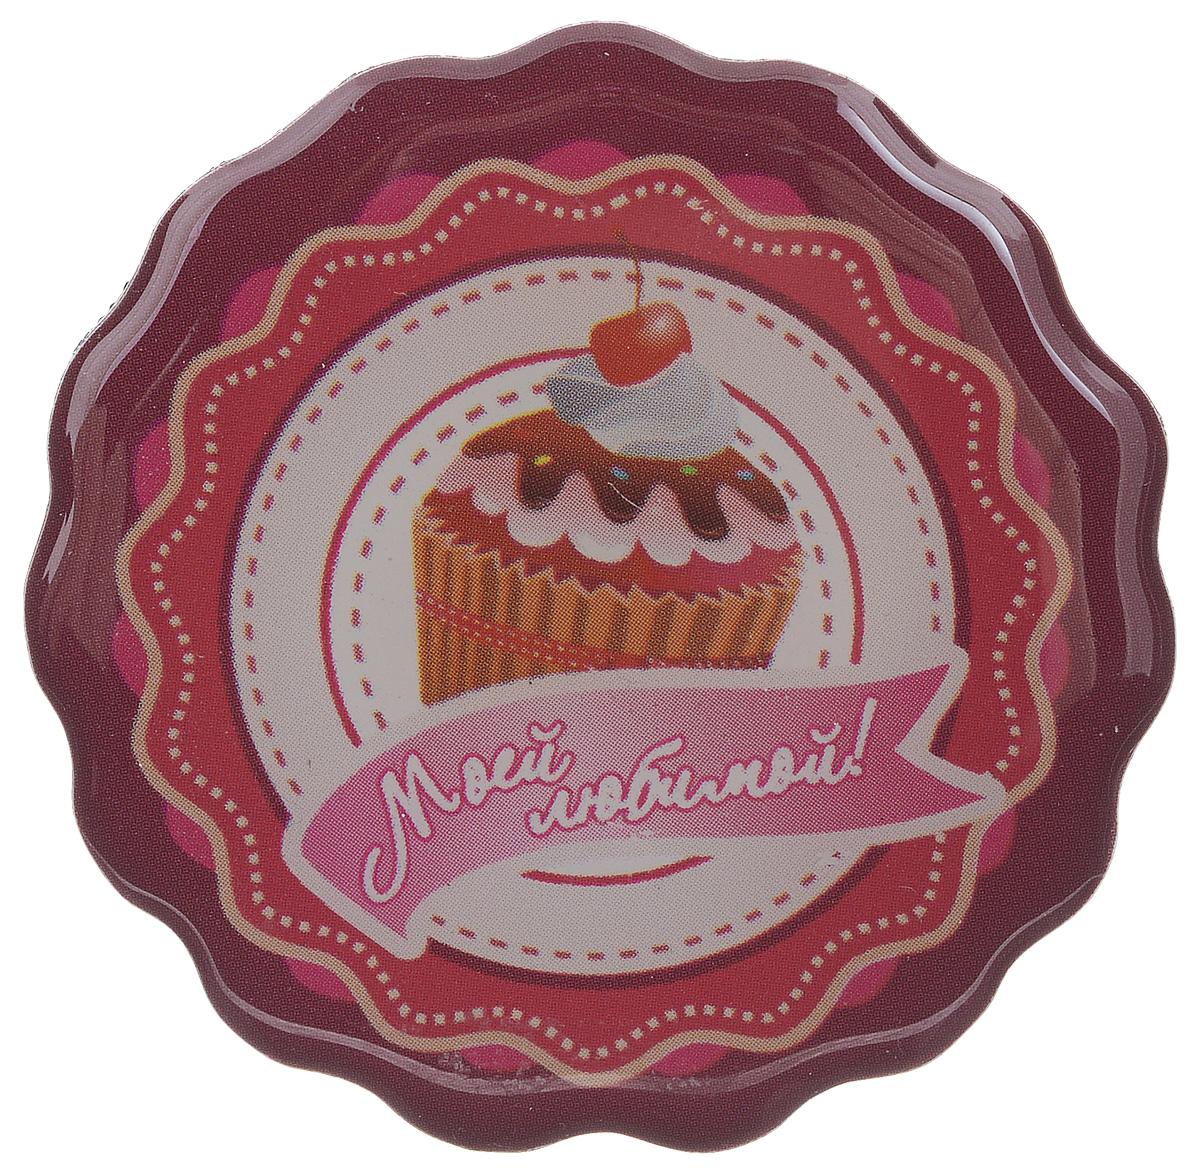 Магнит Феникс-презент Моей любимой!, диаметр 5 см1053683Магнит круглой формы Феникс-презент Моей любимой!, выполненный из агломерированного феррита, станет приятным штрихом в повседневной жизни. Оригинальный магнит, декорированный изображением пирожного, поможет вам украсить не только холодильник, но и любую другую магнитную поверхность. Материал: агломерированный феррит.